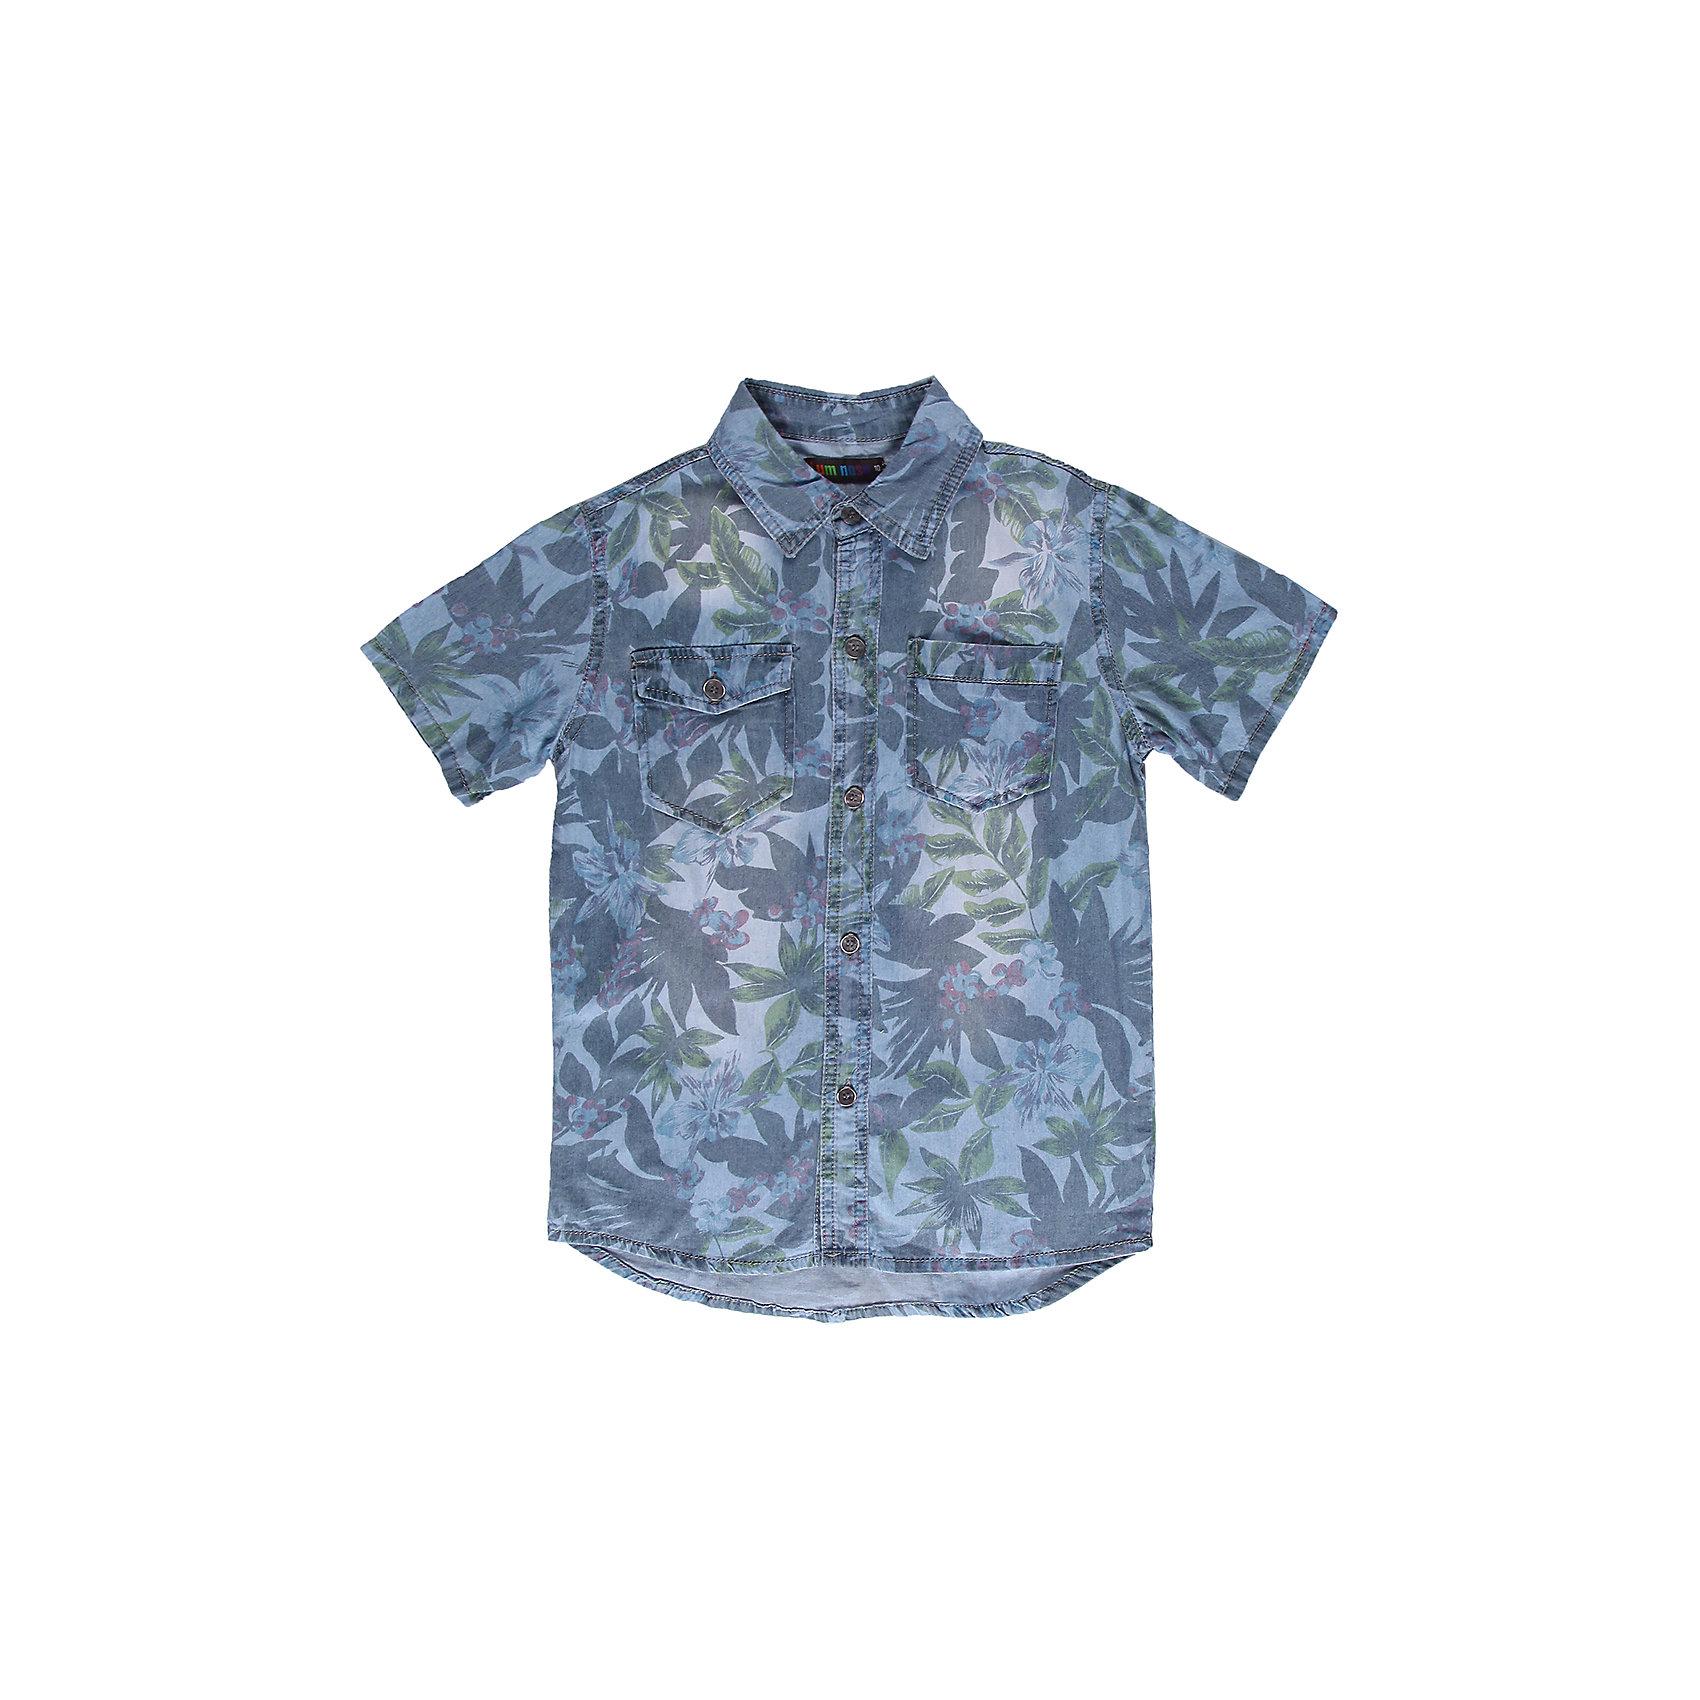 Рубашка для мальчика LuminosoДжинсовая рубашка с коротким рукавом.<br>Состав:<br>100% хлопок<br><br>Ширина мм: 174<br>Глубина мм: 10<br>Высота мм: 169<br>Вес г: 157<br>Цвет: голубой<br>Возраст от месяцев: 156<br>Возраст до месяцев: 168<br>Пол: Мужской<br>Возраст: Детский<br>Размер: 164,140,146,152,158,134<br>SKU: 4523356